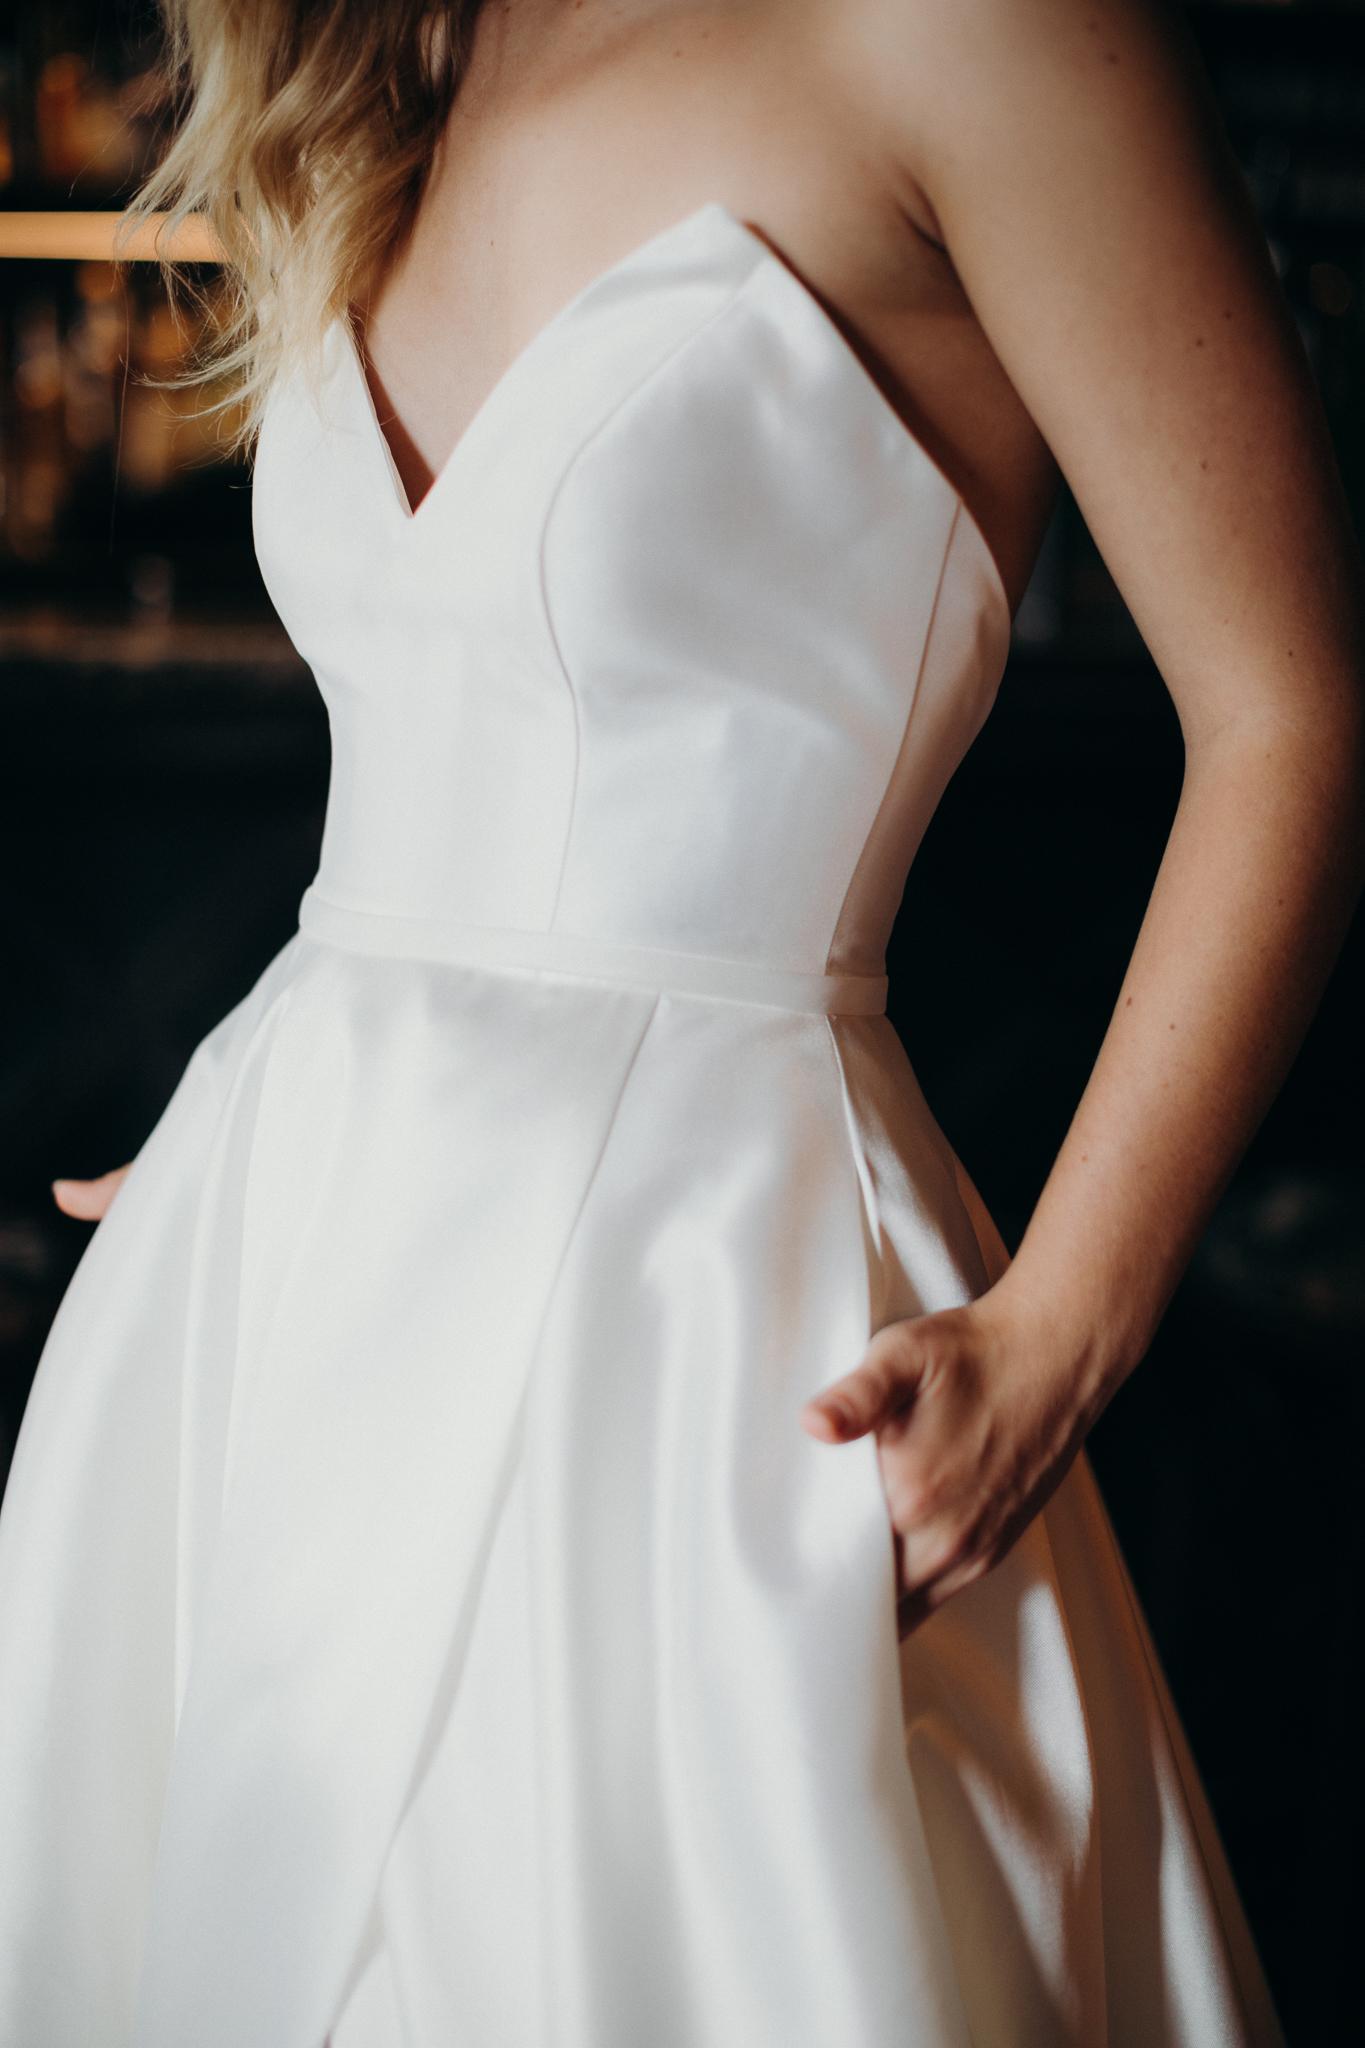 Hera_Scarlett_Wedding_Dress_Krd_Portrait_K079A6054 (1)